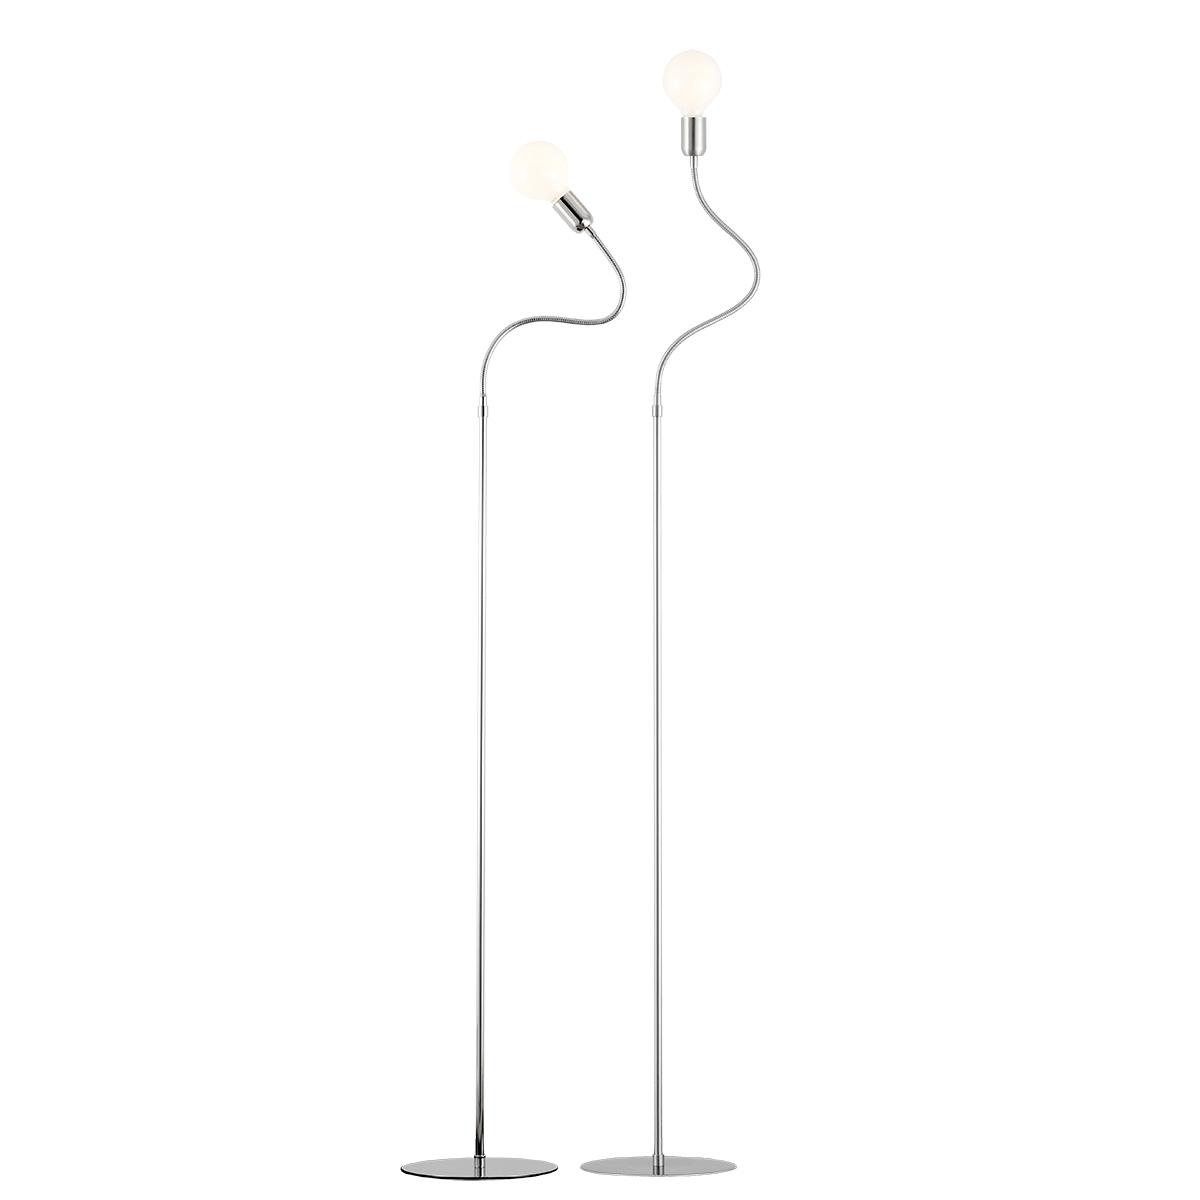 Μοντέρνο σπαστό δαπέδου FLEX modern floor lamp